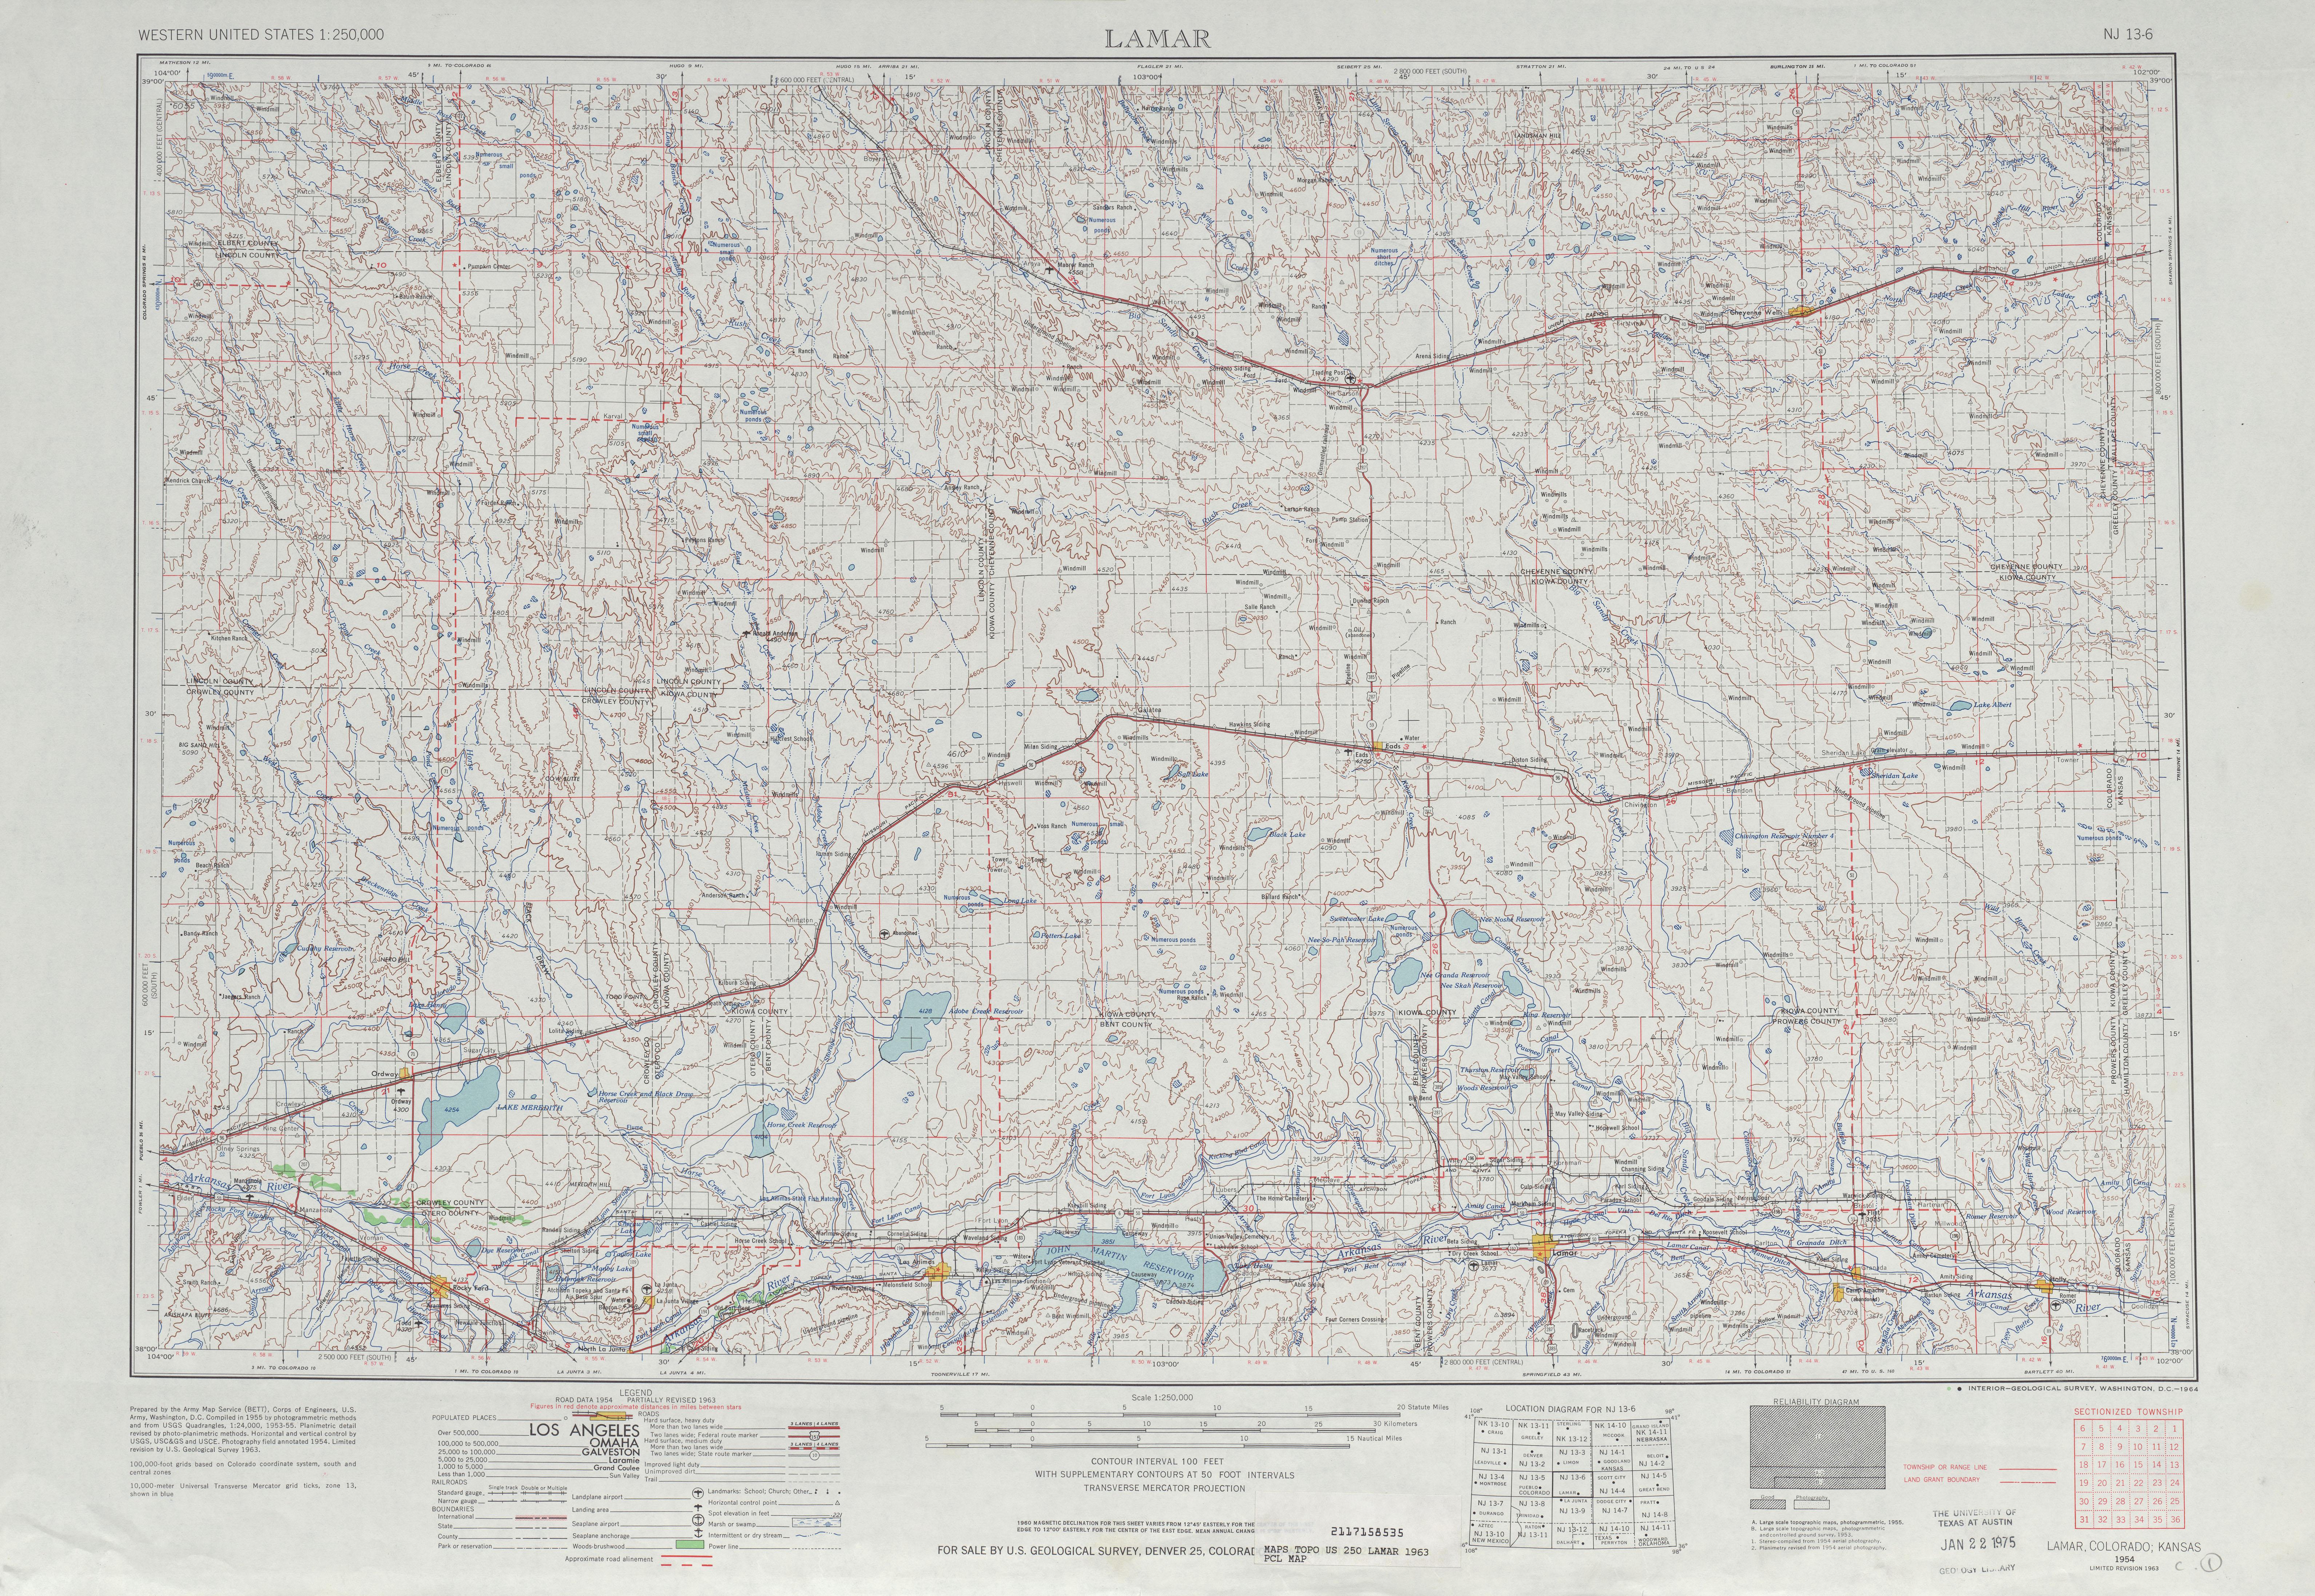 Hoja Lamar del Mapa Topográfico de los Estados Unidos 1963